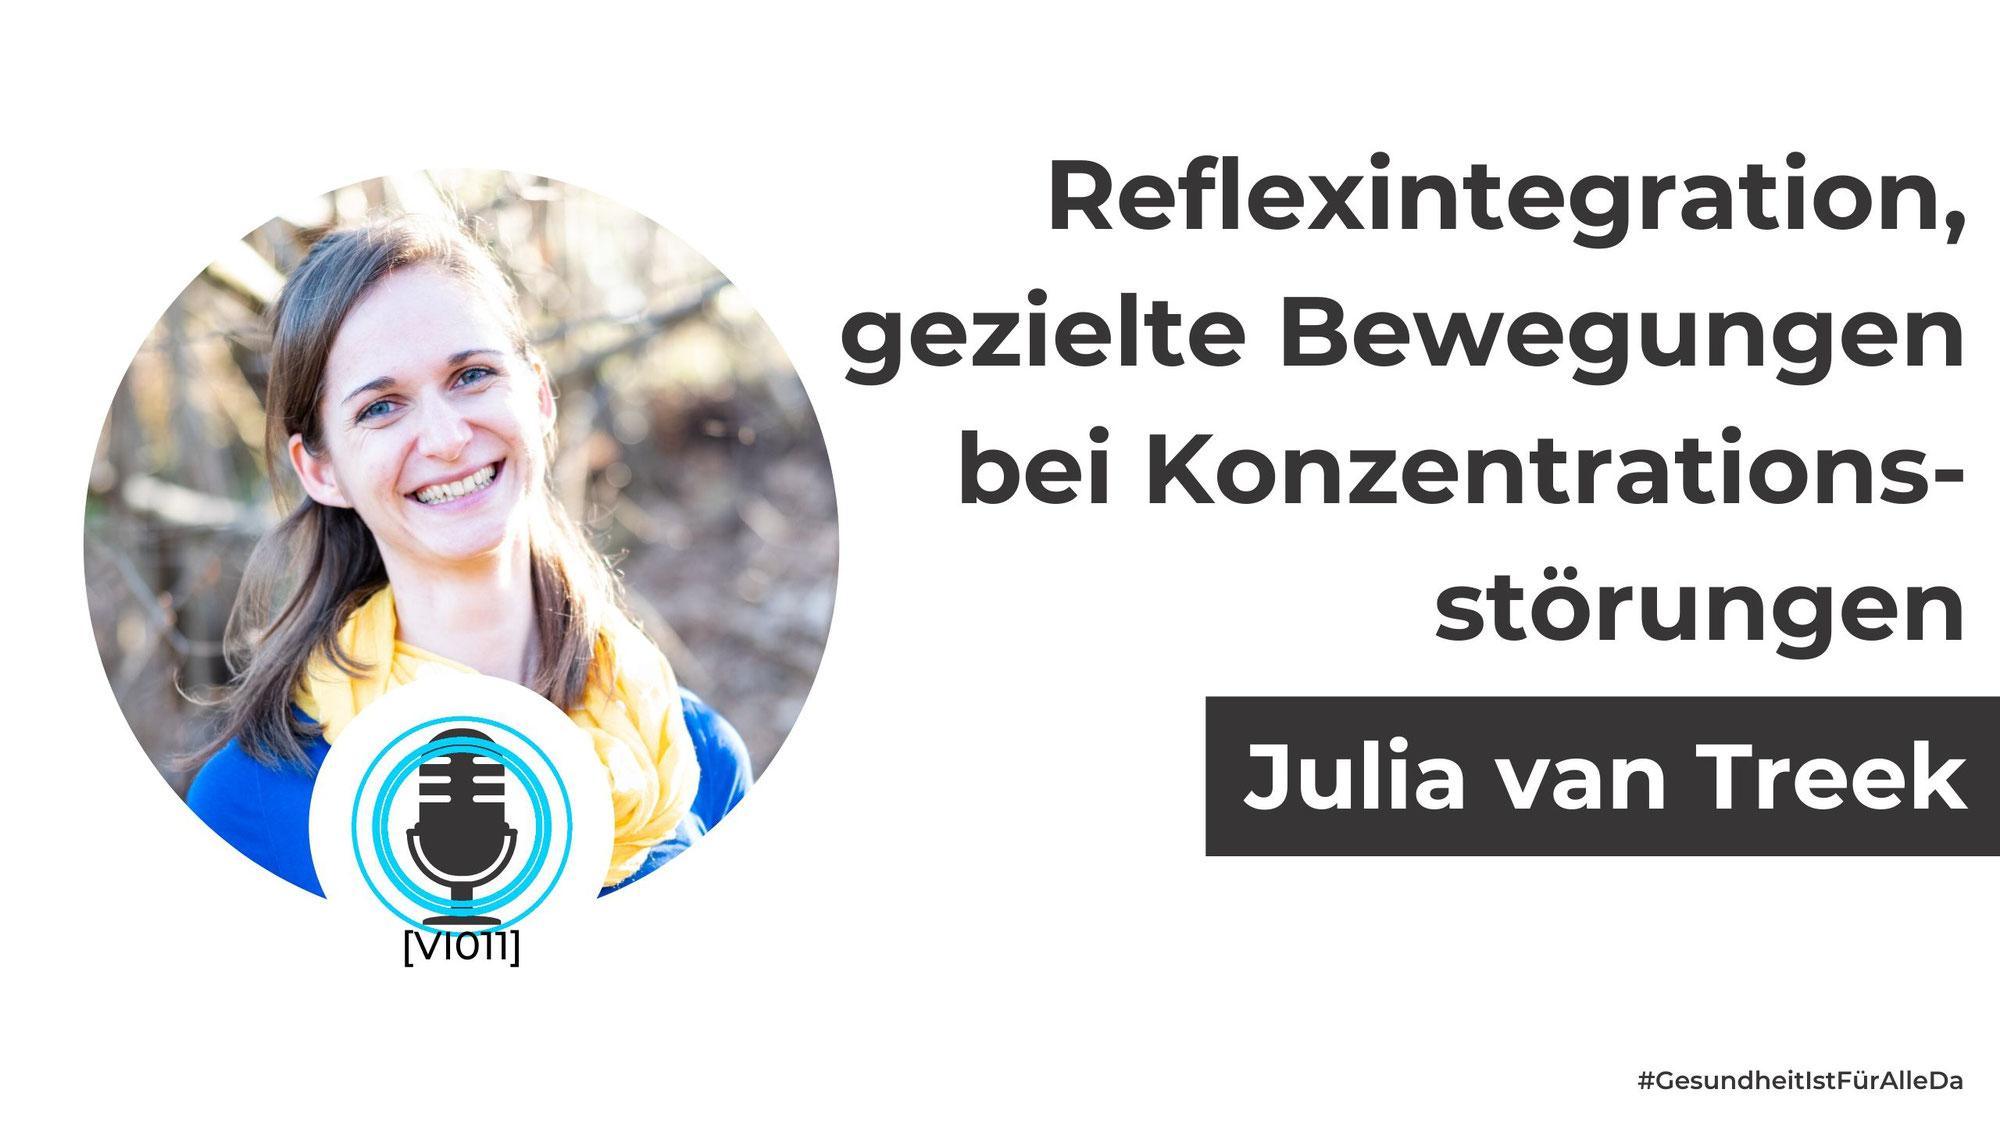 Julia van Treek